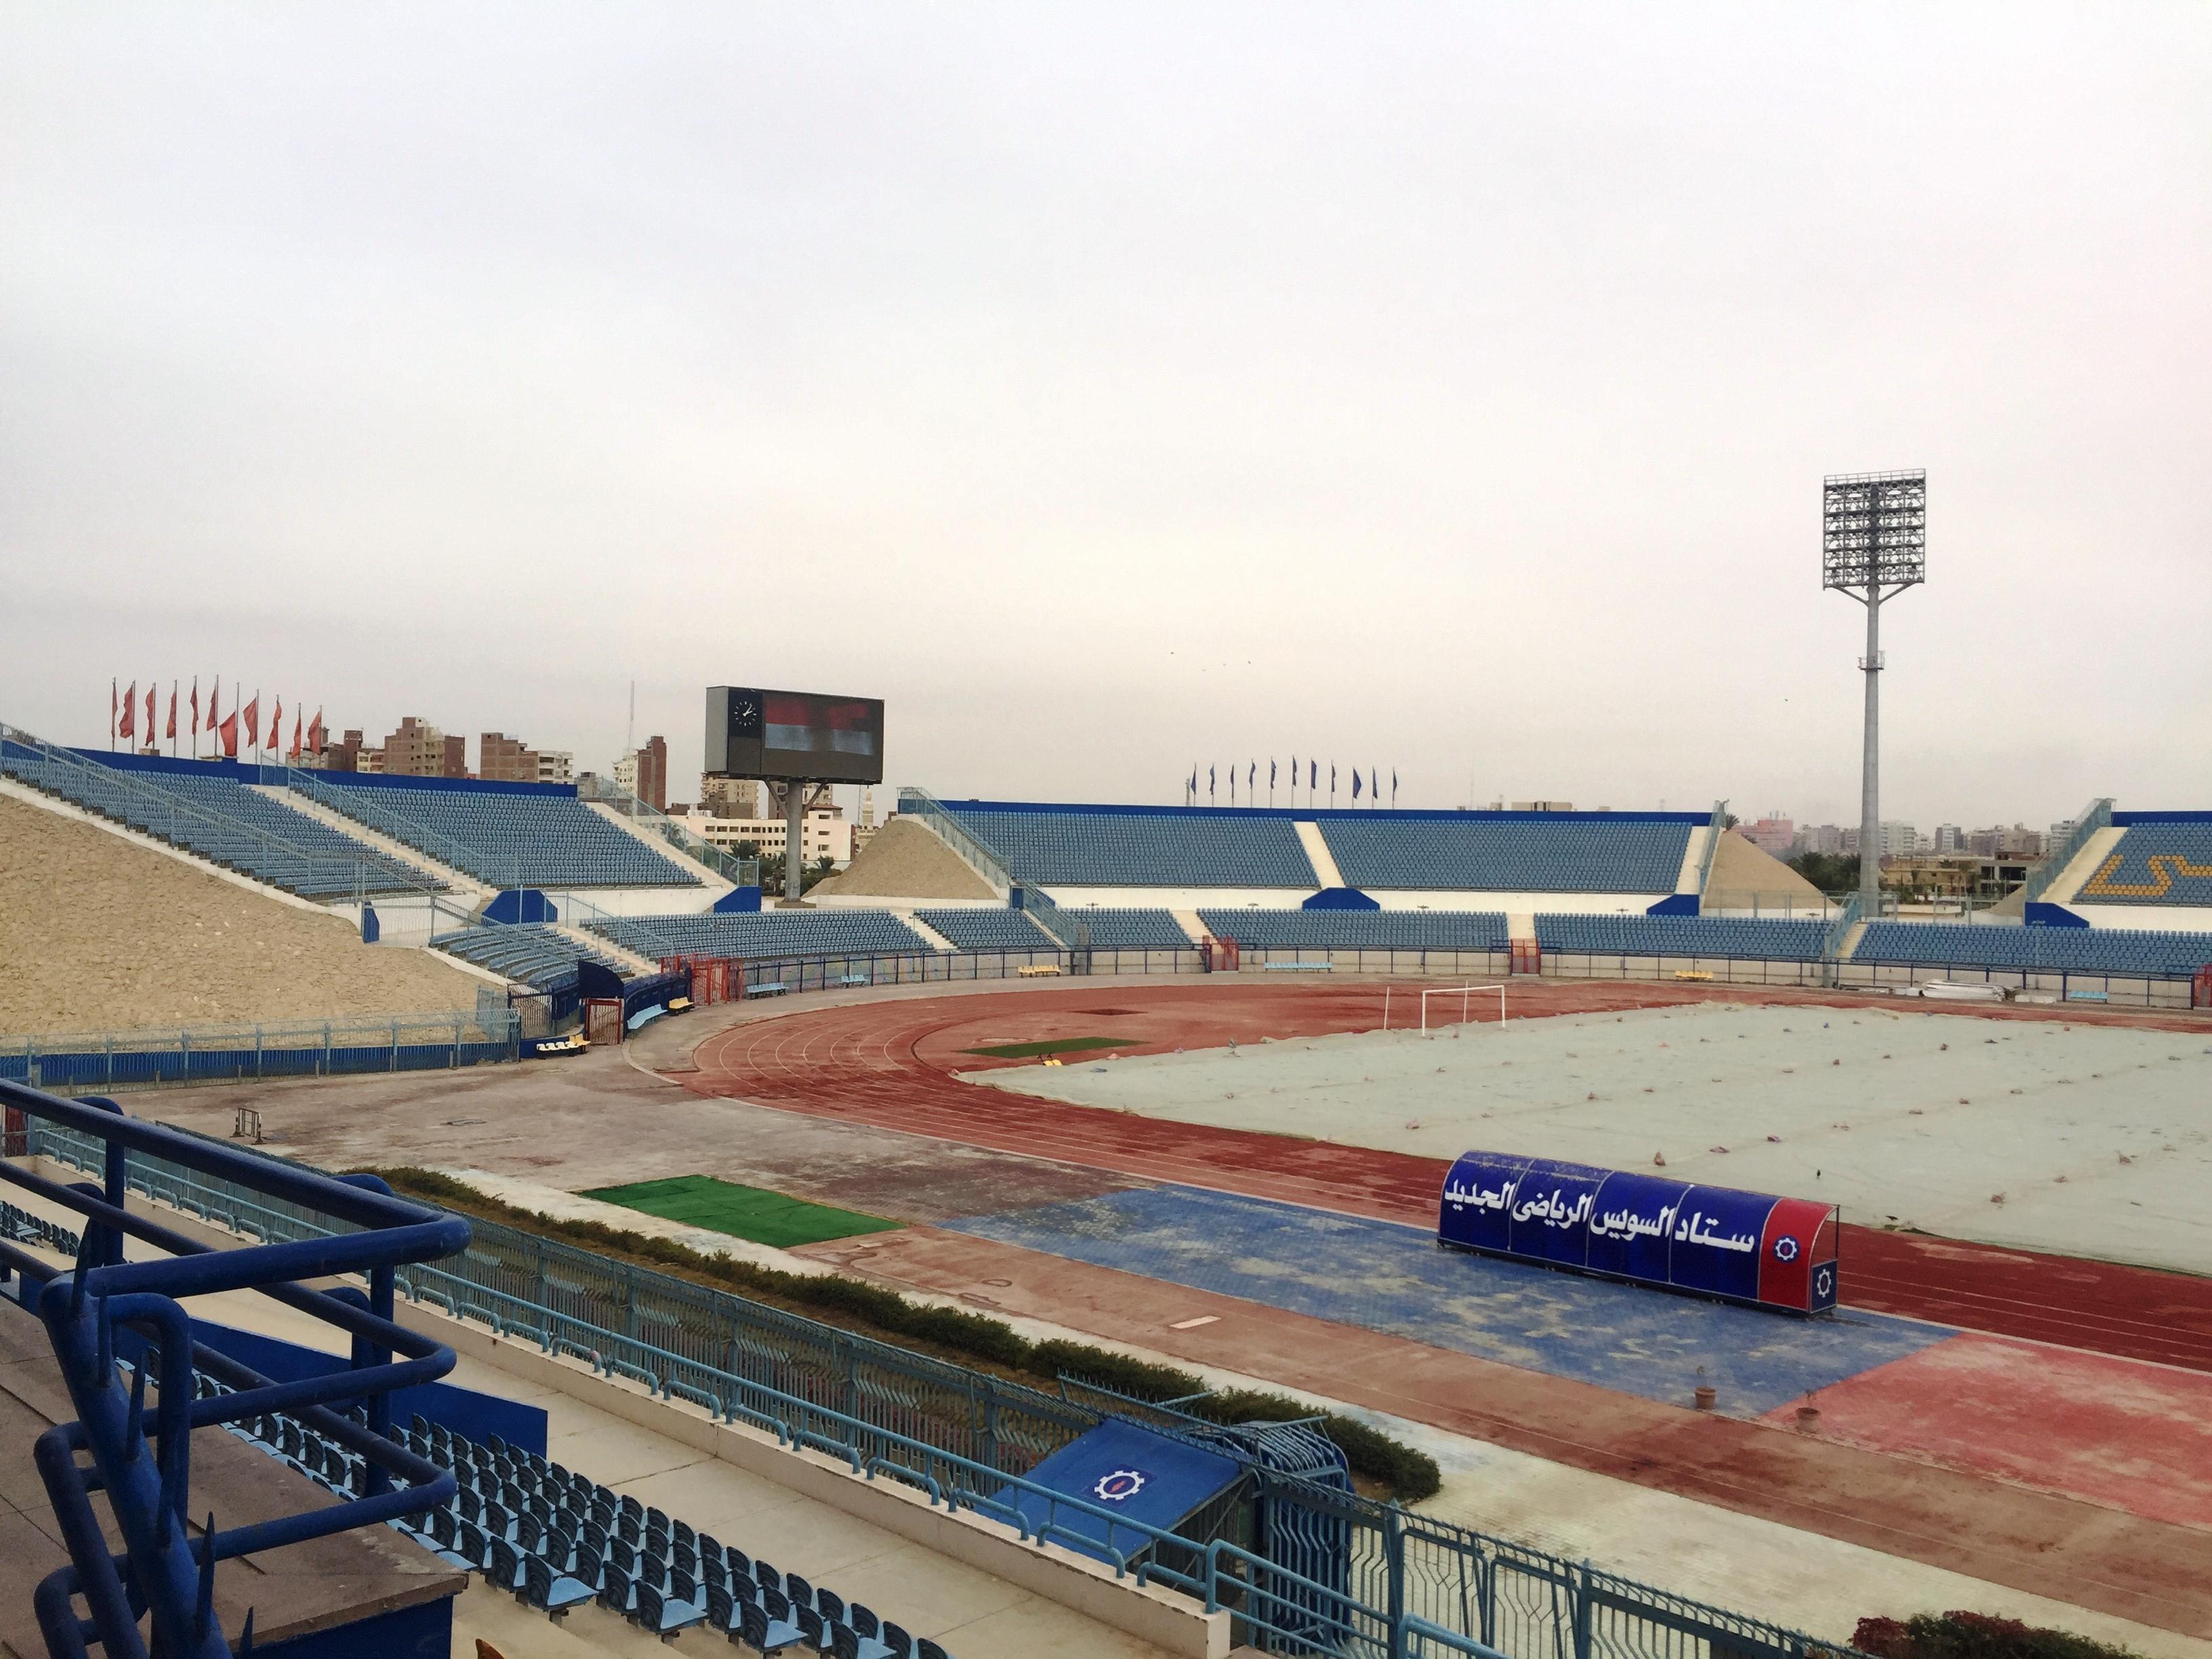 استاد السويس الرياضى (9)